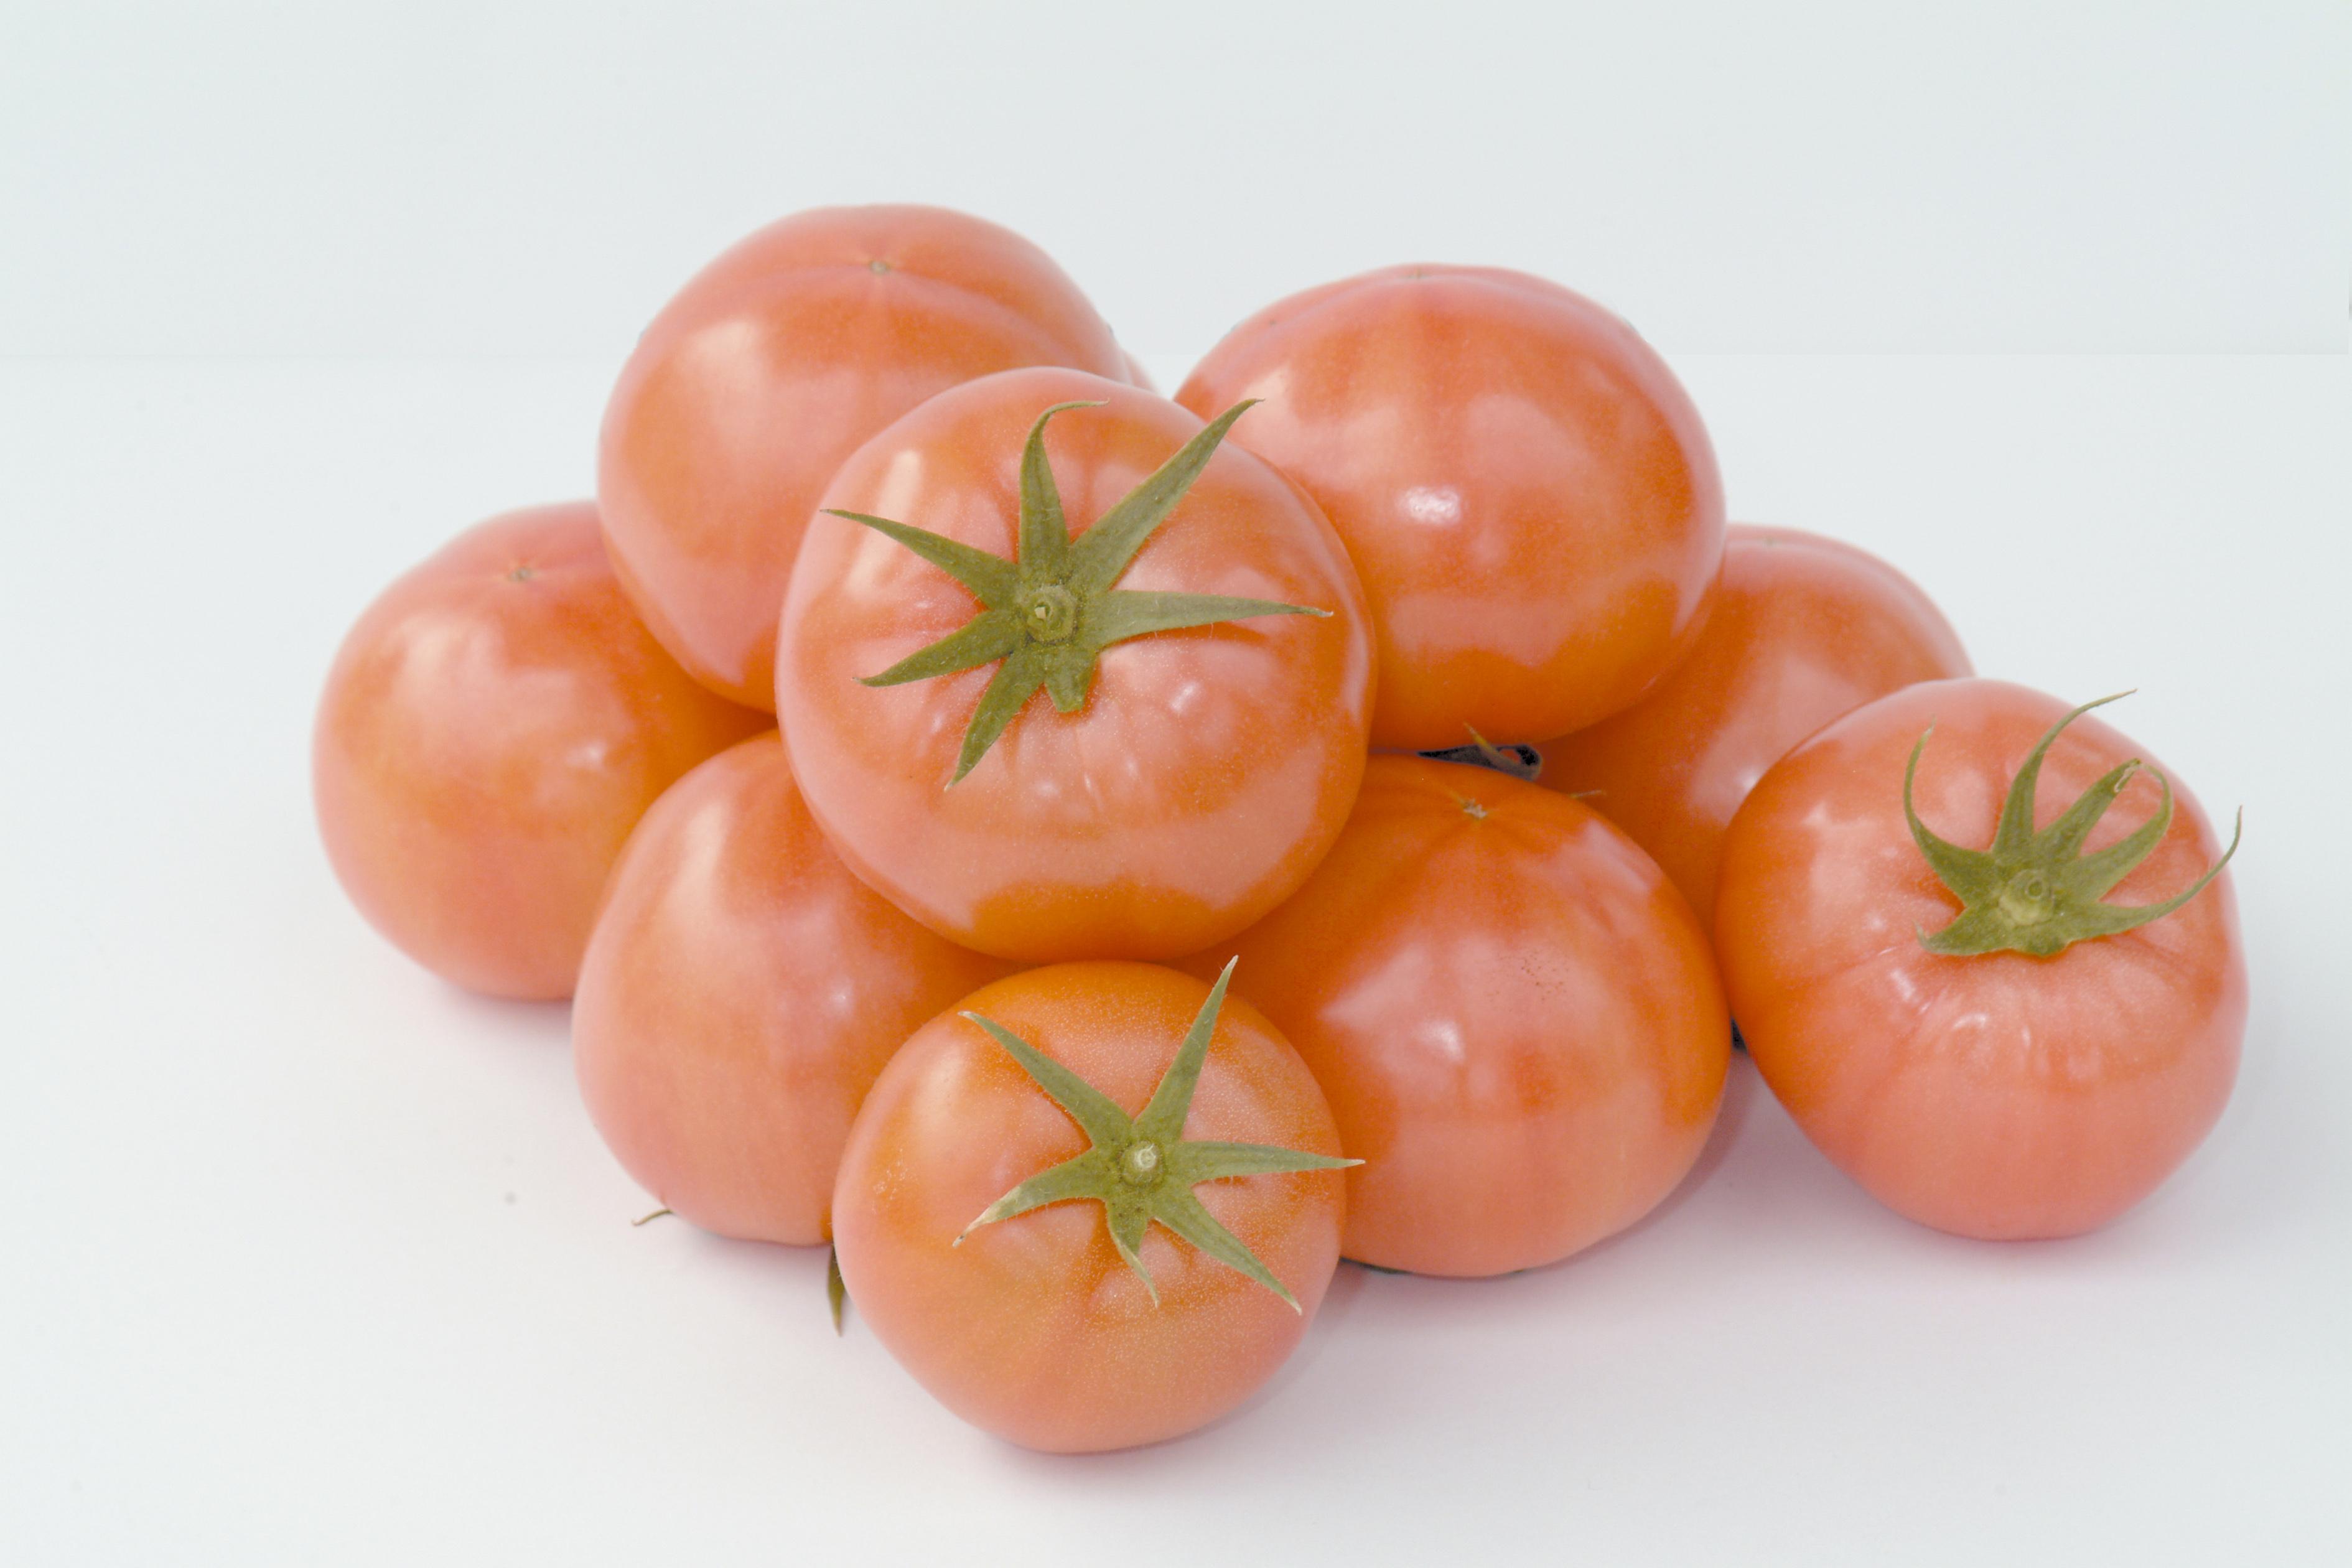 れき耕栽培のトマト(撮影年不明)の画像